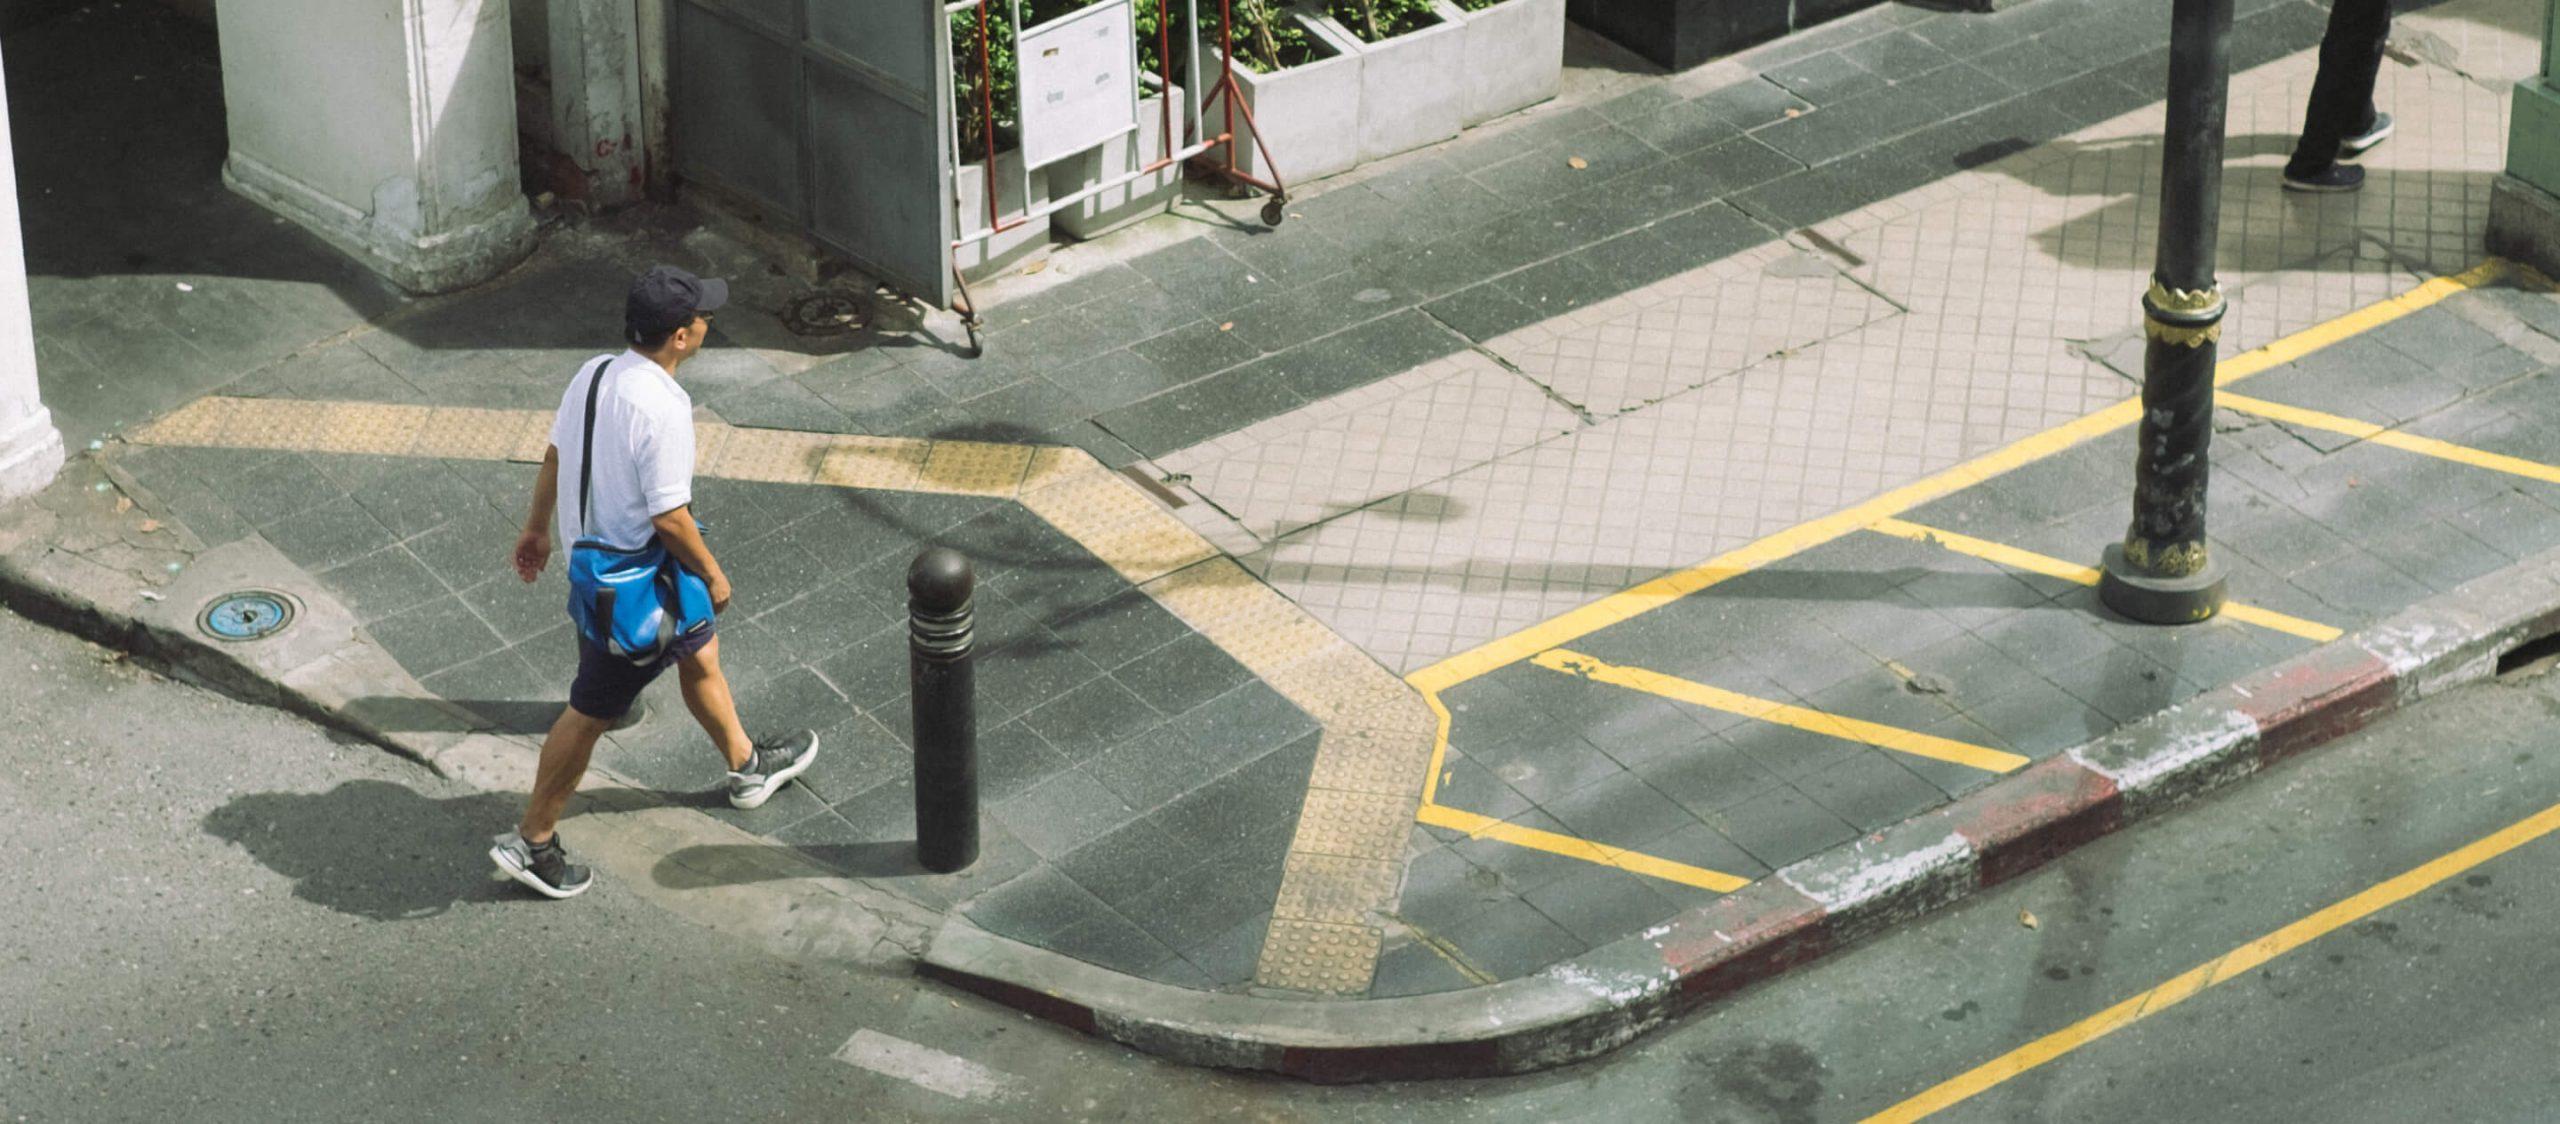 The Sidewalk เพจที่บอกว่าทางเท้าไม่ได้มีไว้แค่เดิน และเมืองไม่ได้มีไว้สำหรับแค่รถยนต์